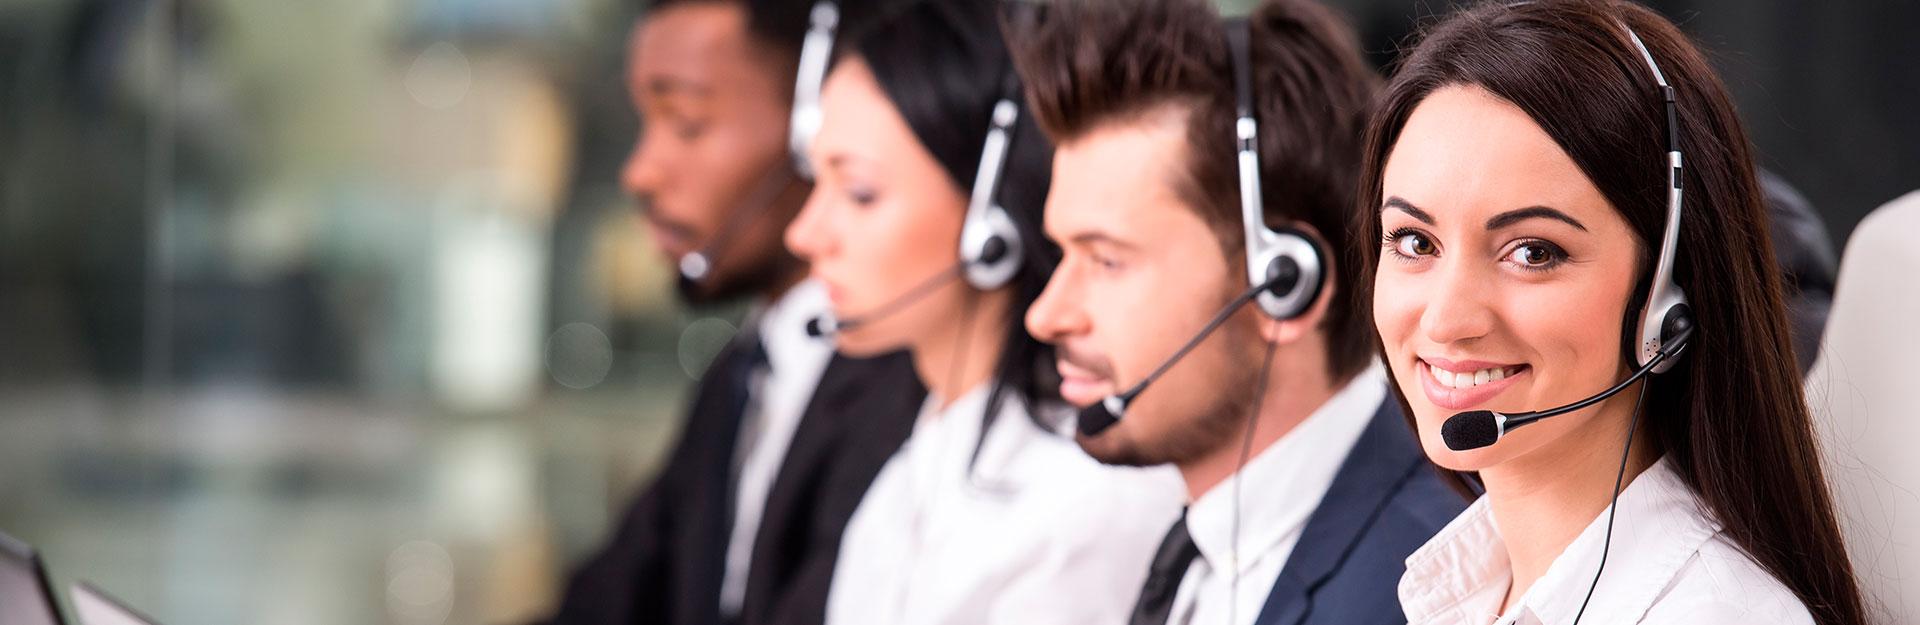 Un grupo de empleados atienden llamadas telefónicas.